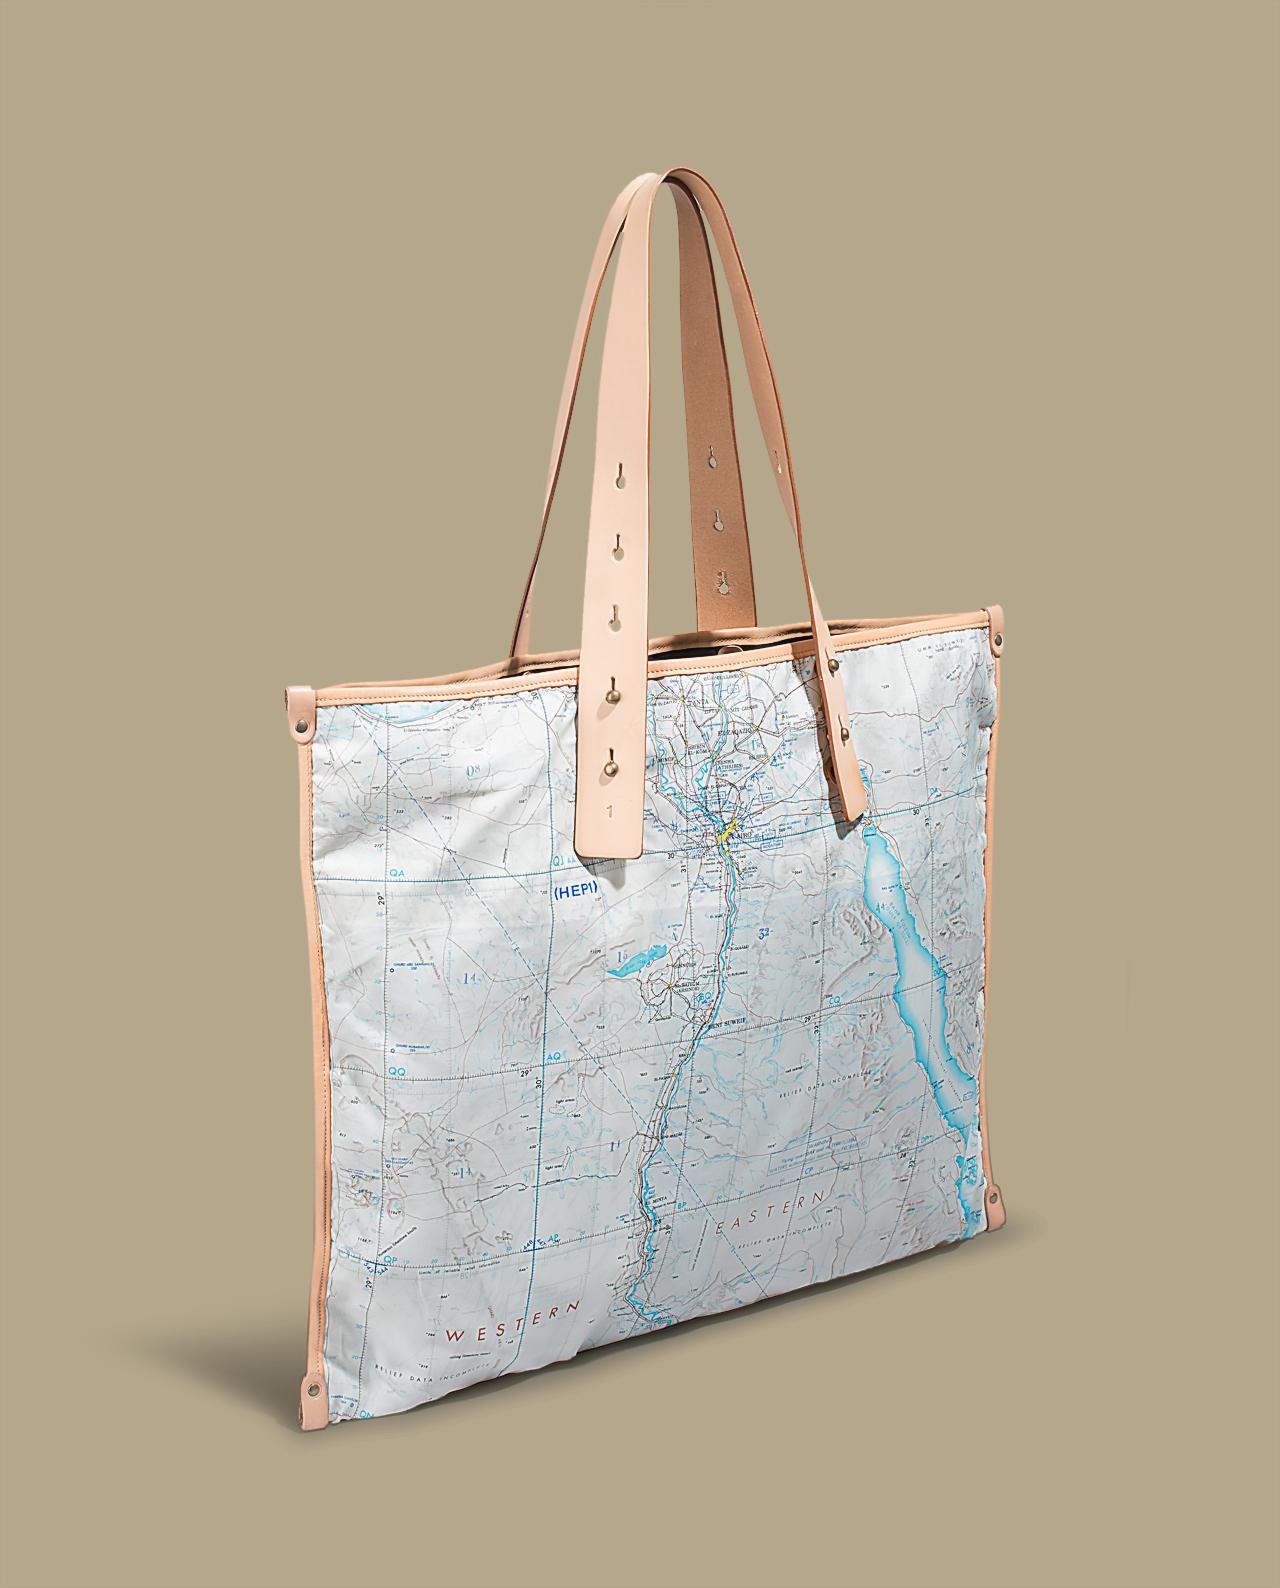 Bonhomme X Bleu de Chauffe : bag